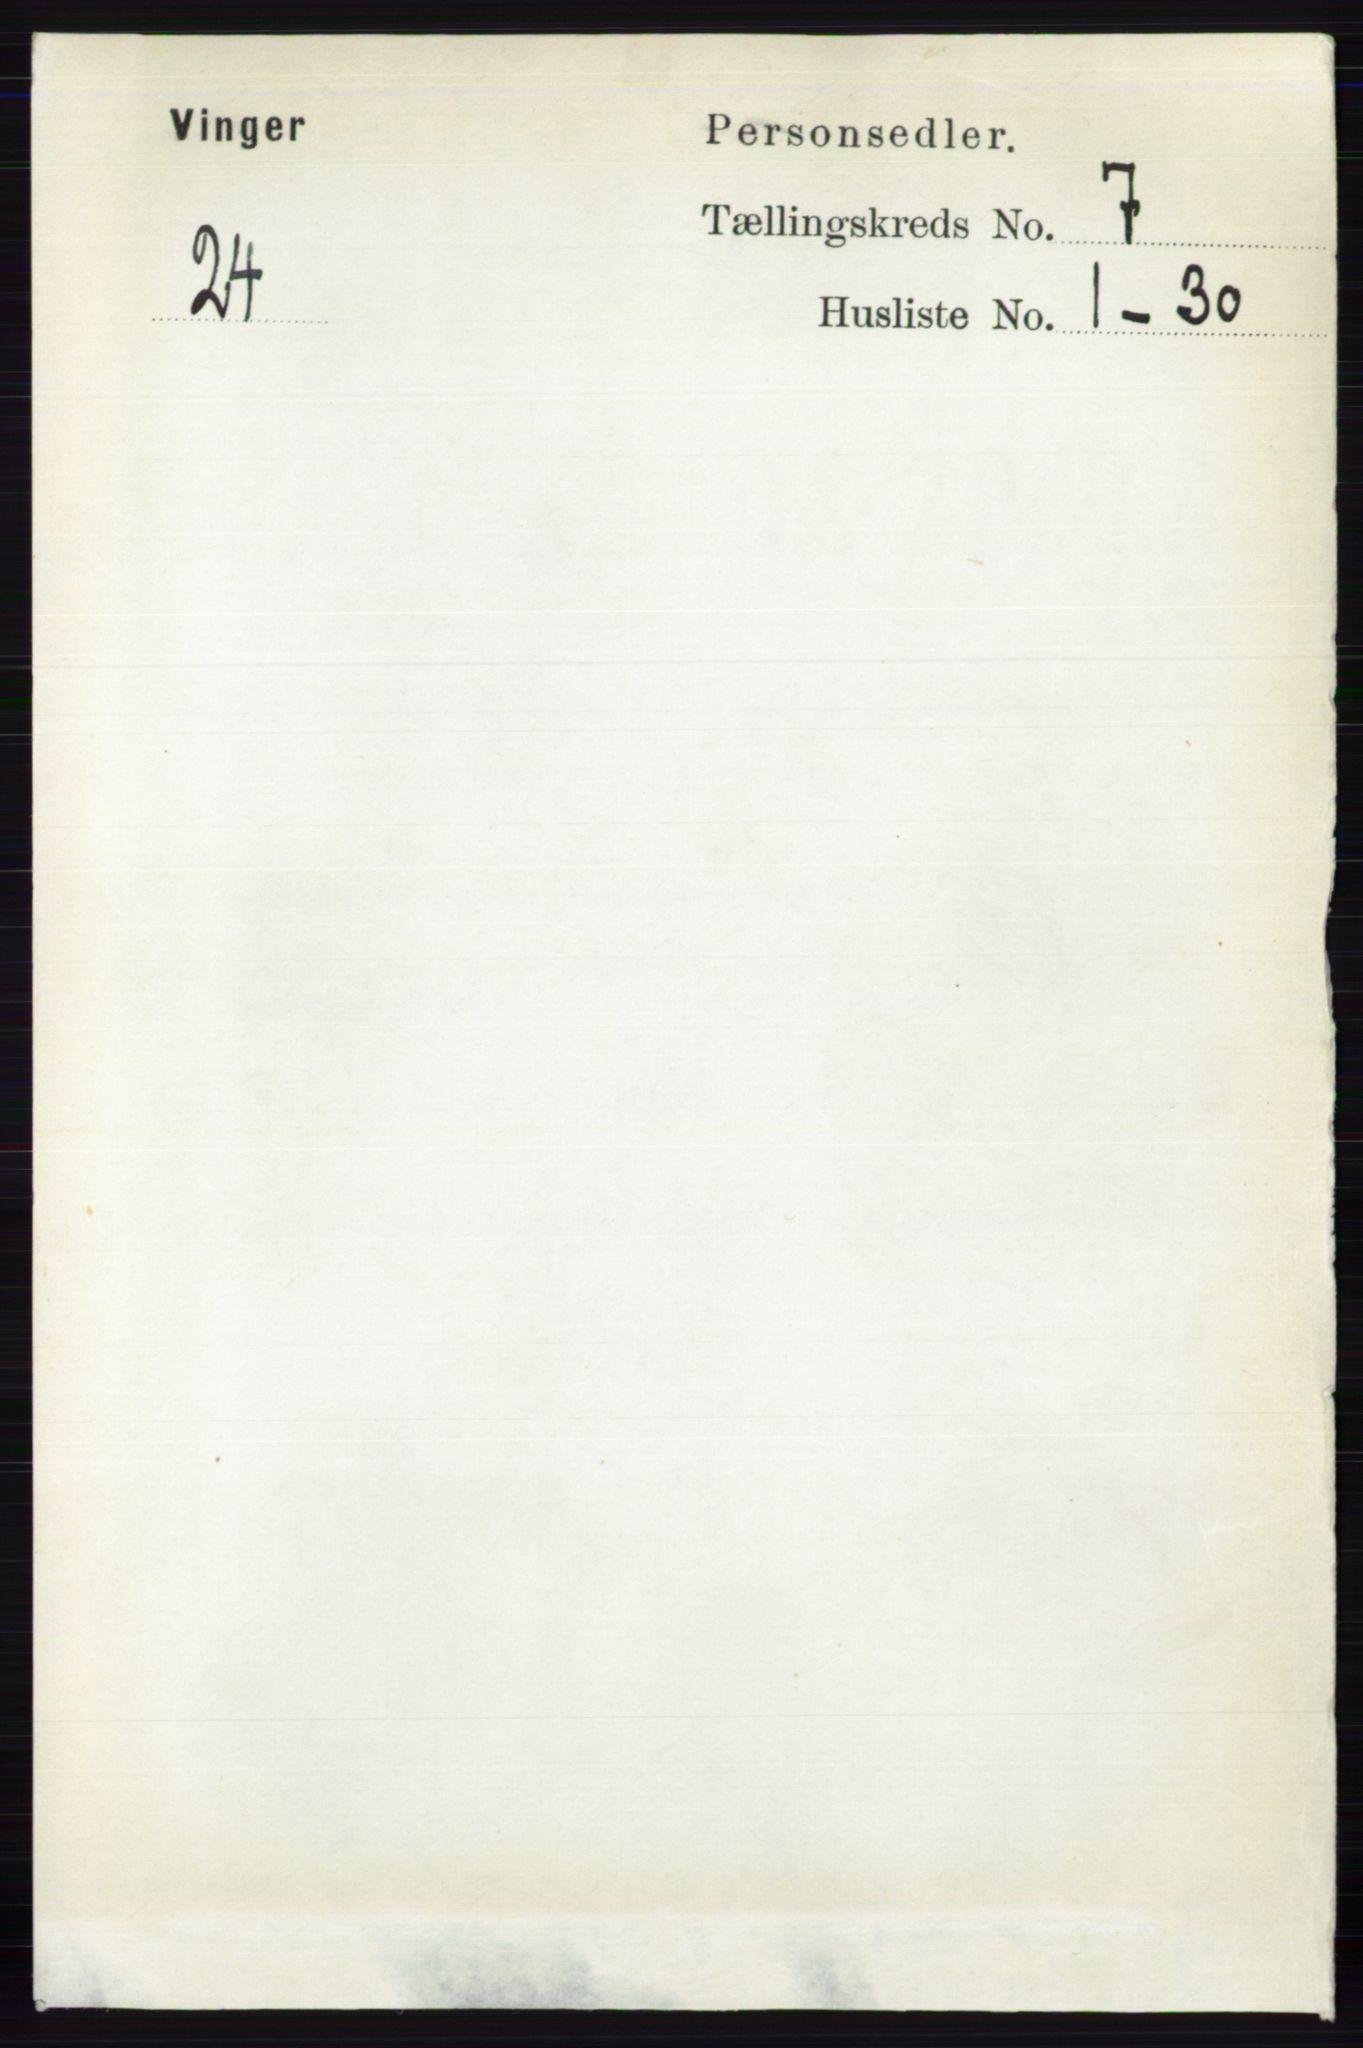 RA, Folketelling 1891 for 0421 Vinger herred, 1891, s. 3231